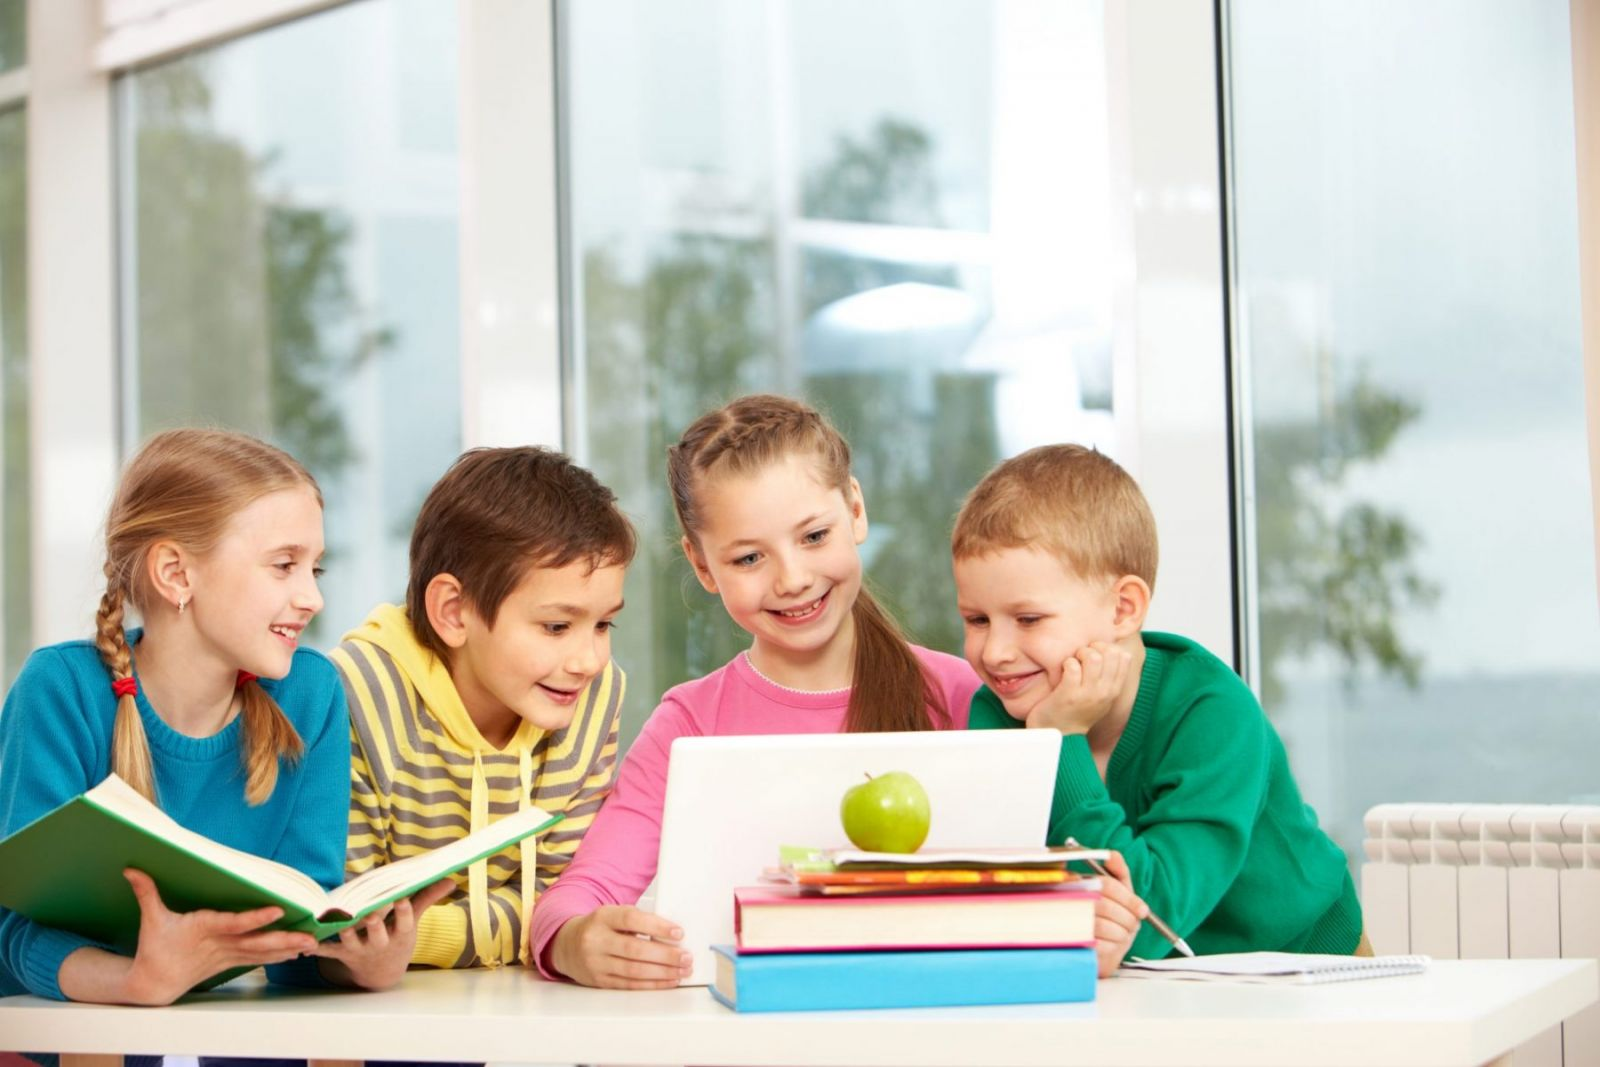 Mengajarkan Anak Belajar yang Sepenuhnya Menyenangkan